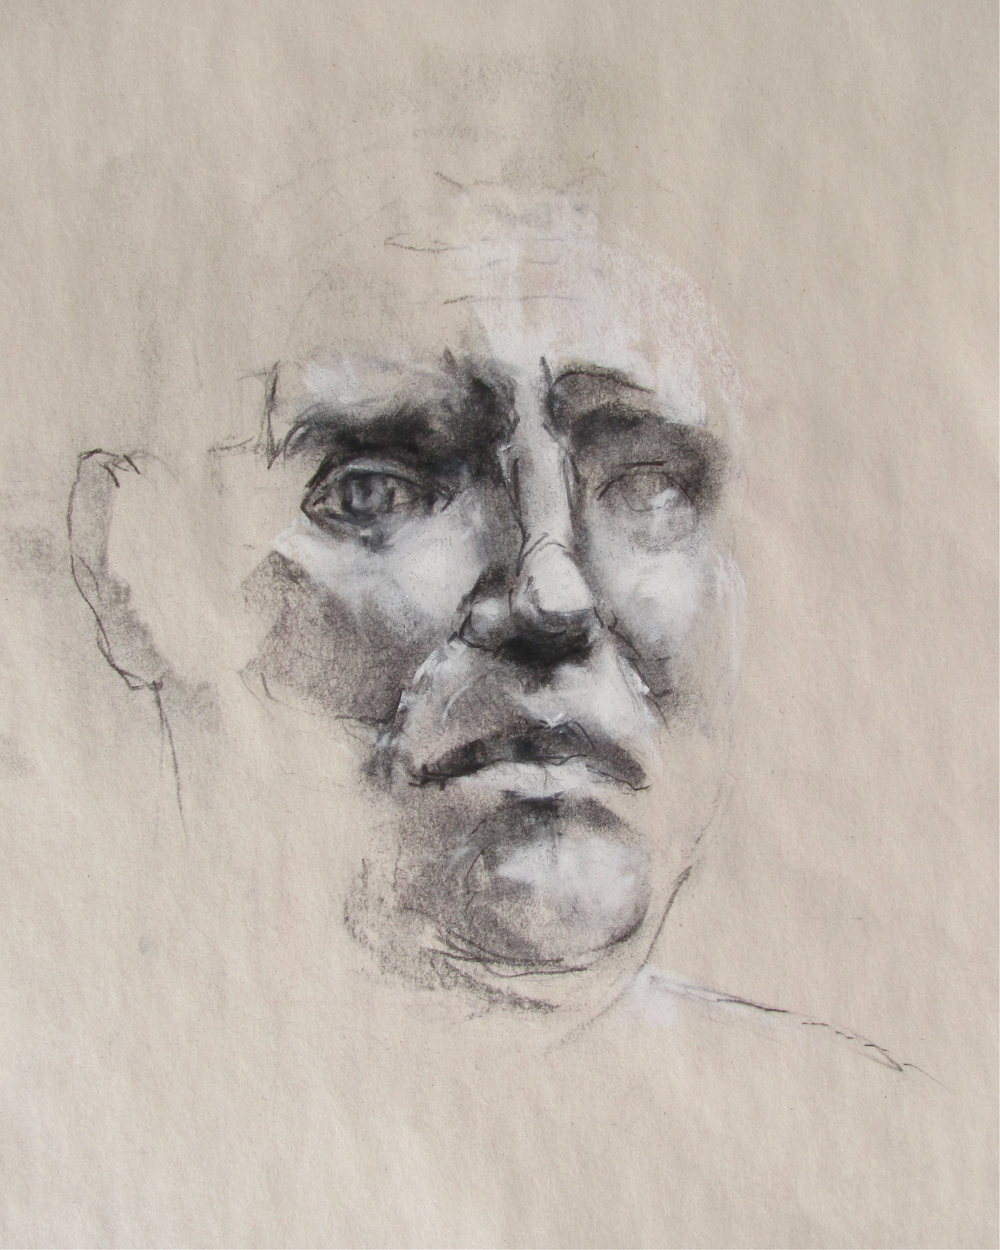 60th St. Portrait #3